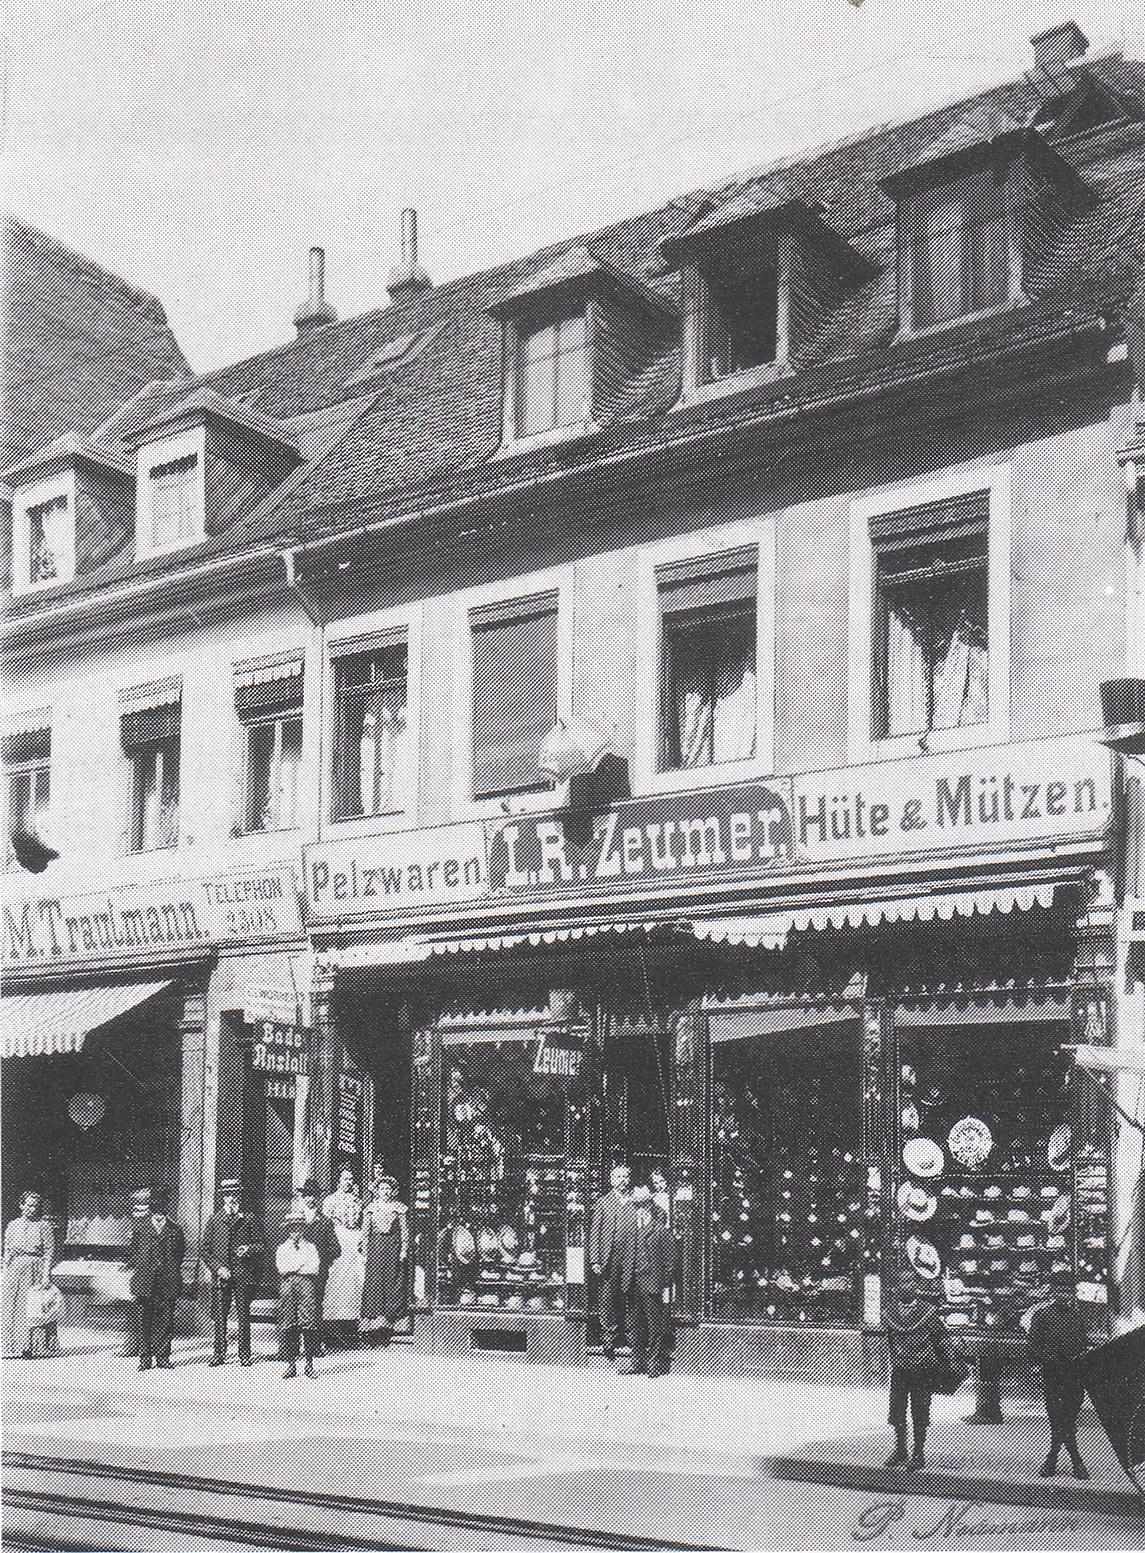 pelzwaren_n-_r-_zeumer-_mannheim_1903_re